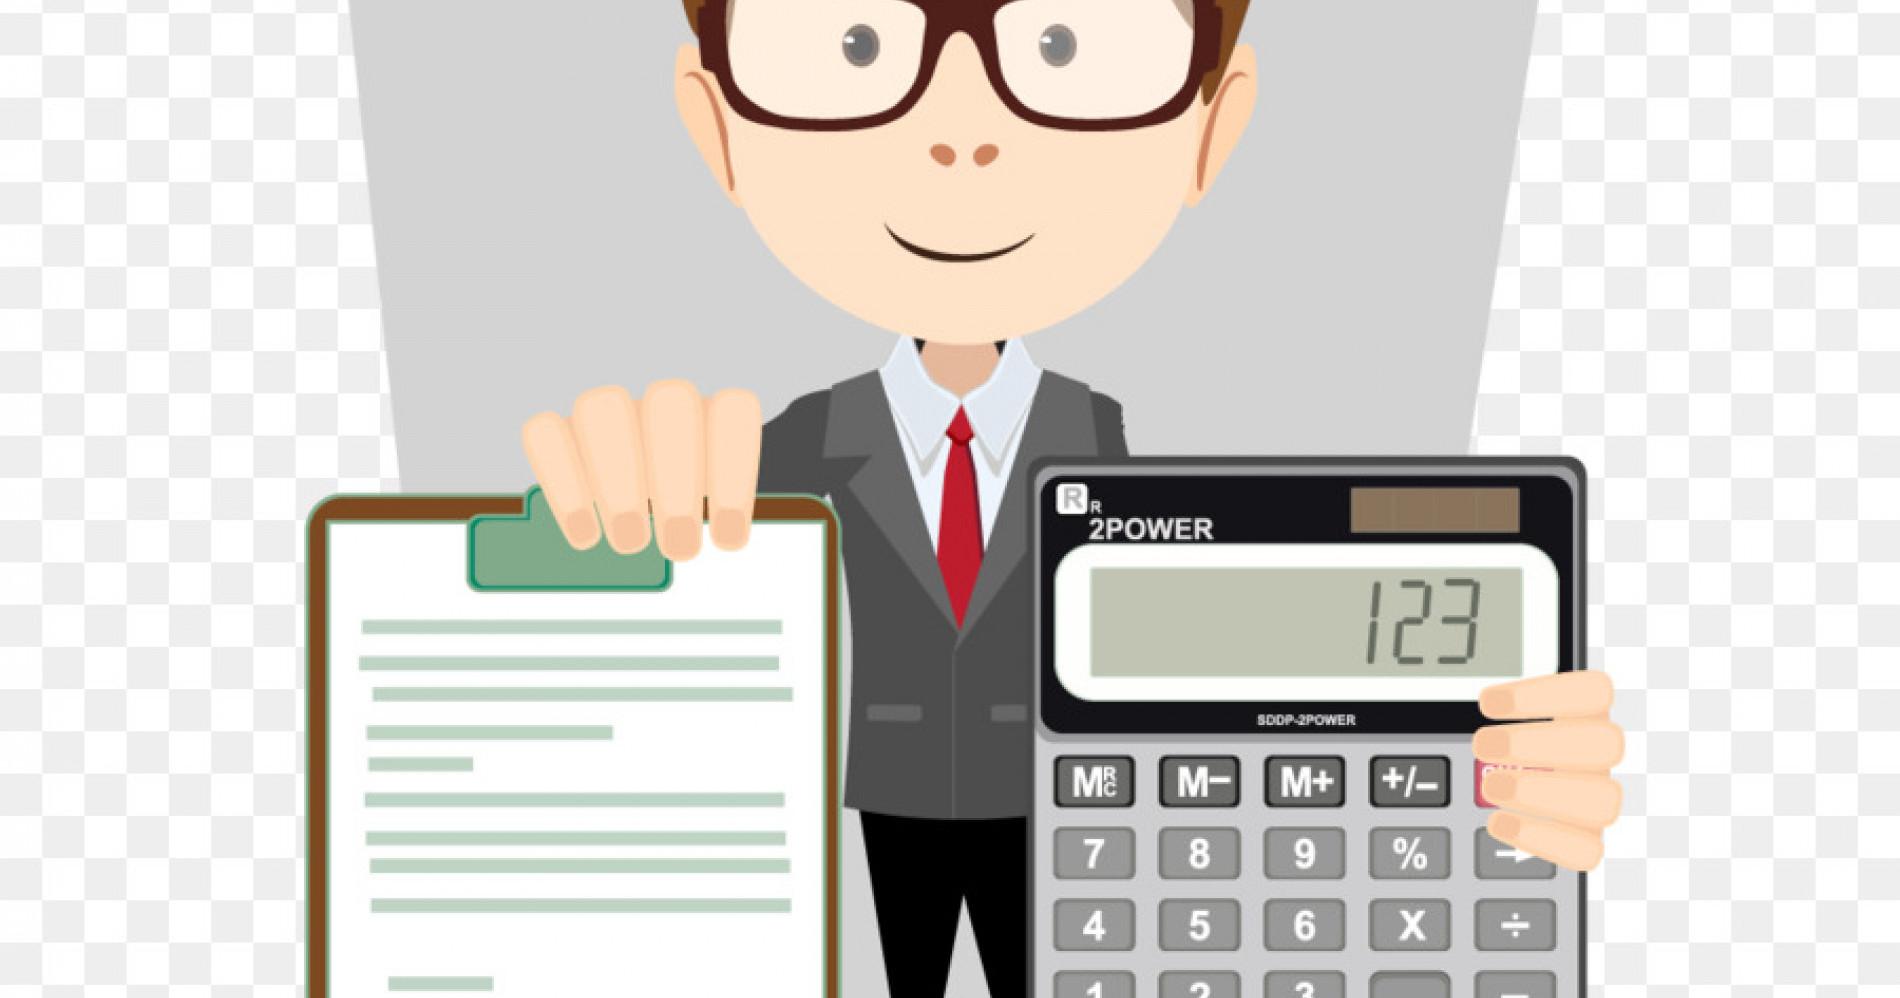 Akuntan Dadakan (Sumber gambar:dlpng.com)